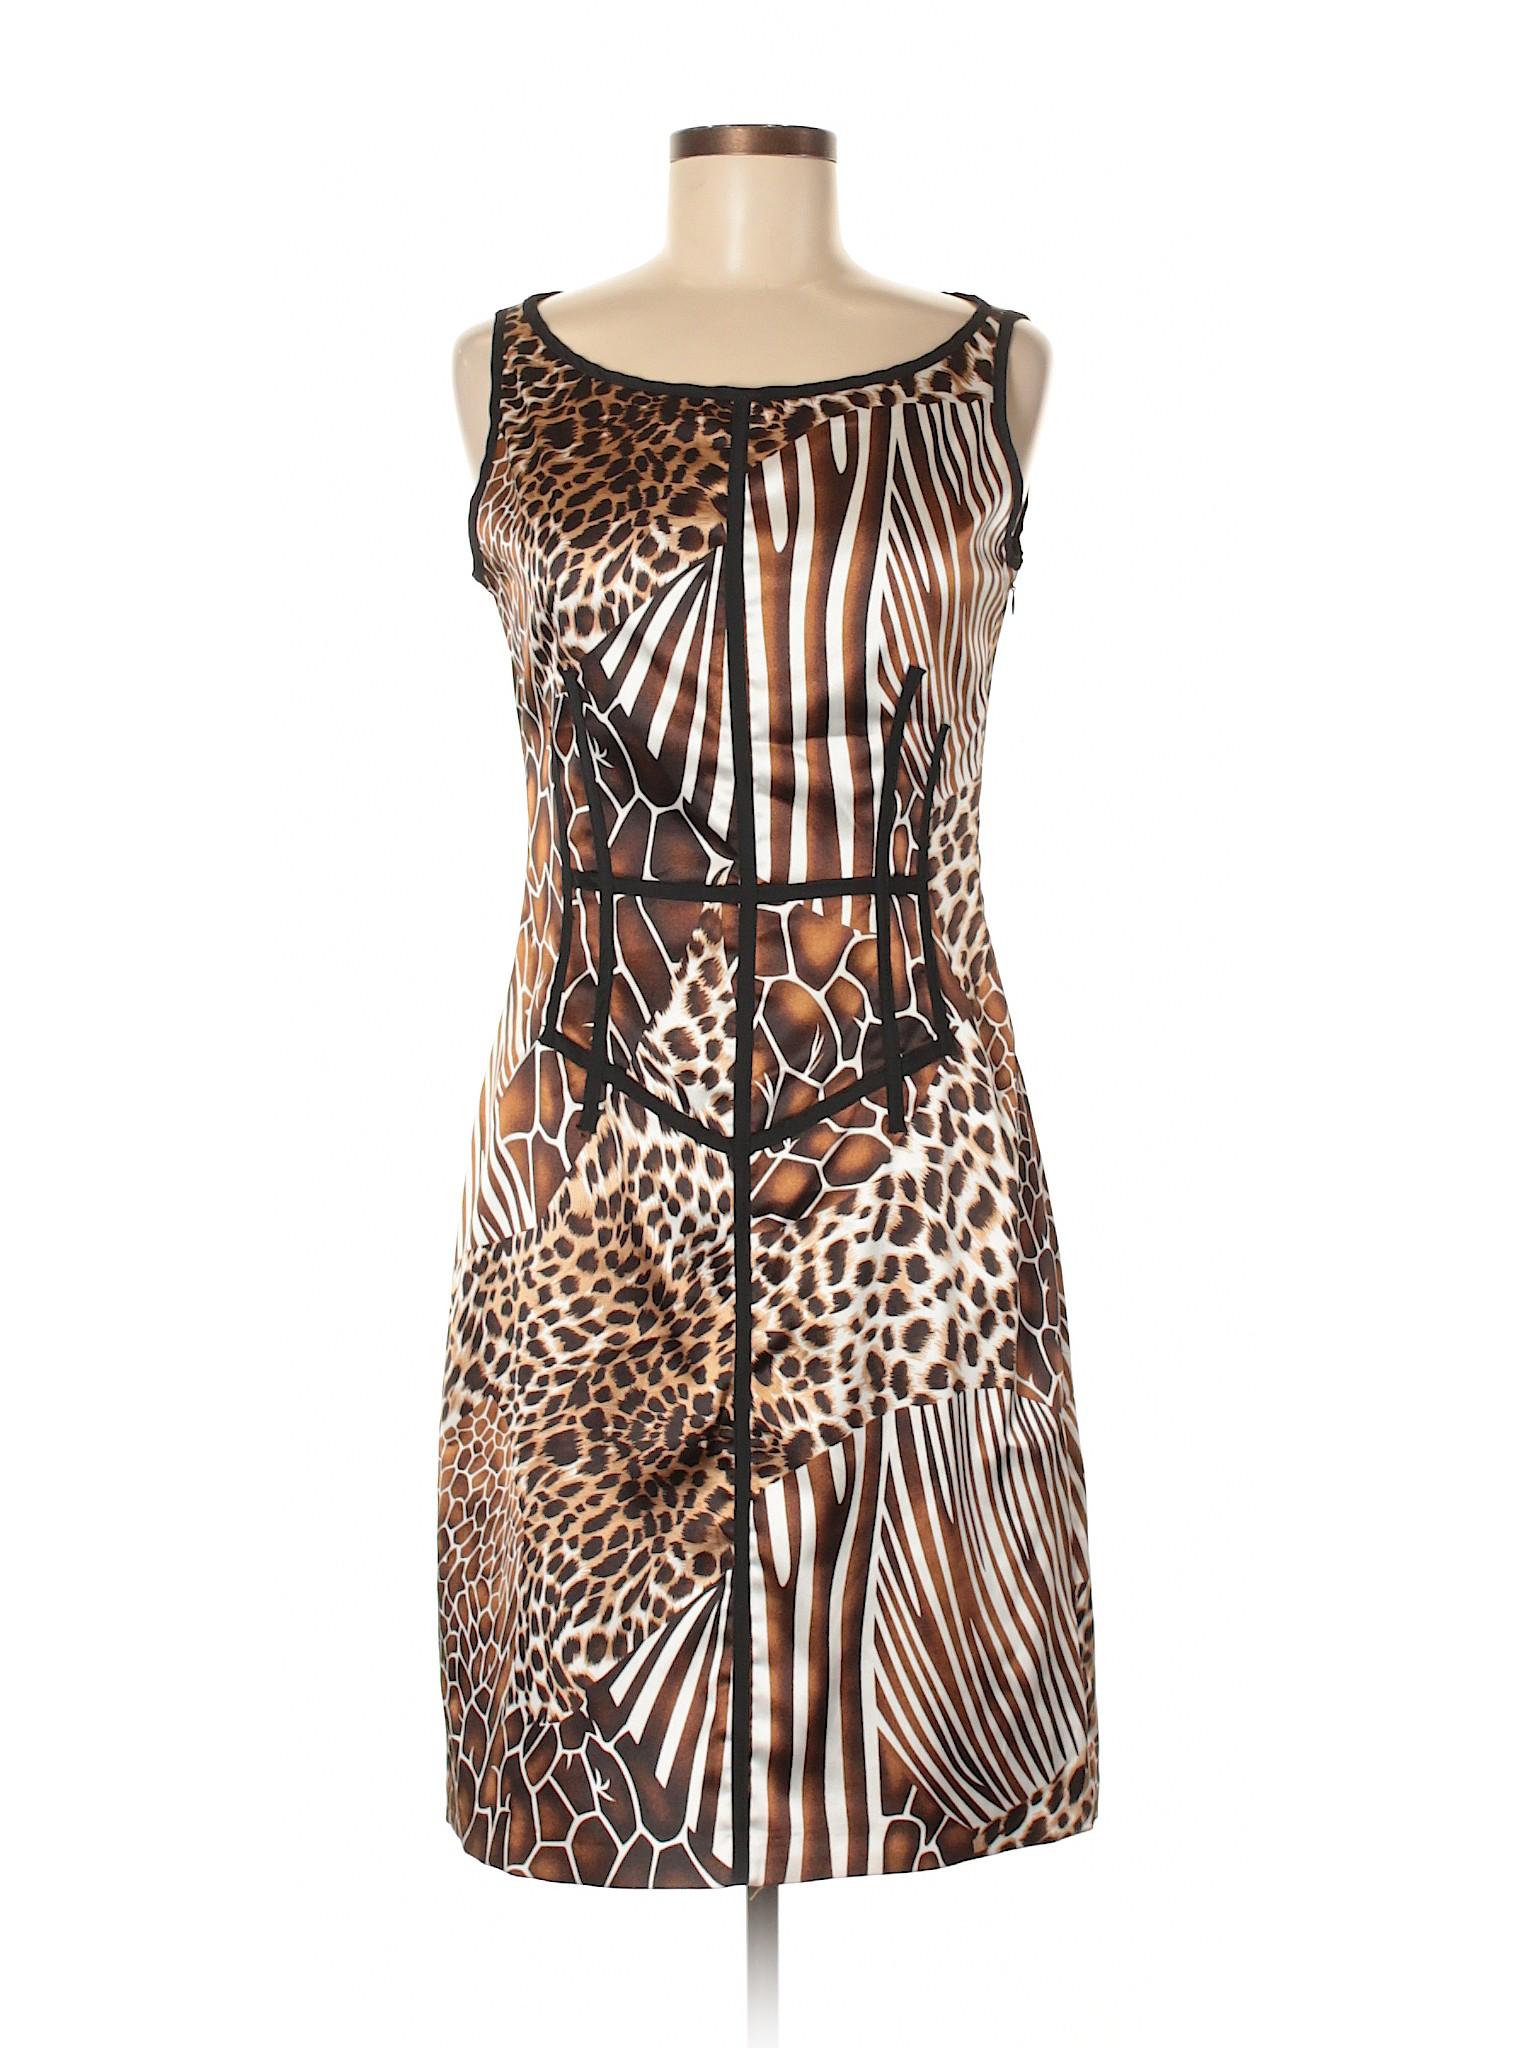 Dress Ribkoff Boutique winter Casual Joseph wHqpIvHx8